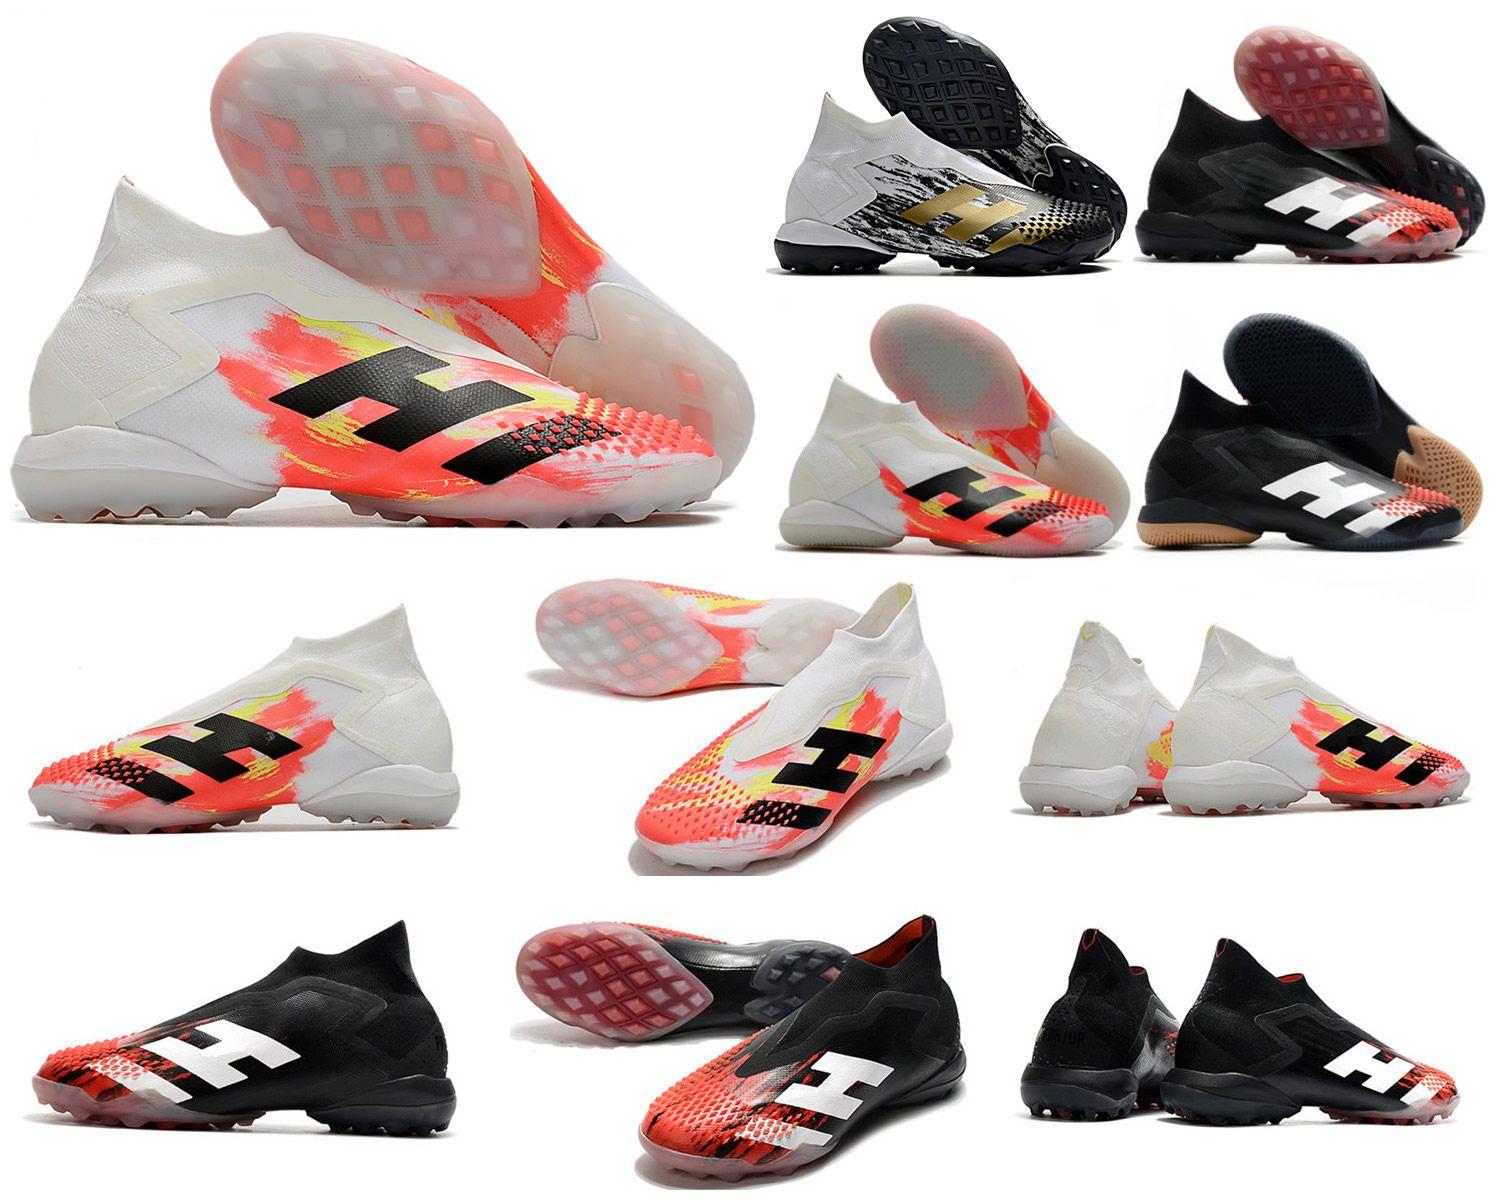 أحذية المفترس Mutator 20+ TF في Uniforia رحلات الطيران حزمة داخلي العشب PP بول بوغبا الرجال الانزلاق على لعبة كرة القدم 20 + س المرابط أحذية الحجم 39-45